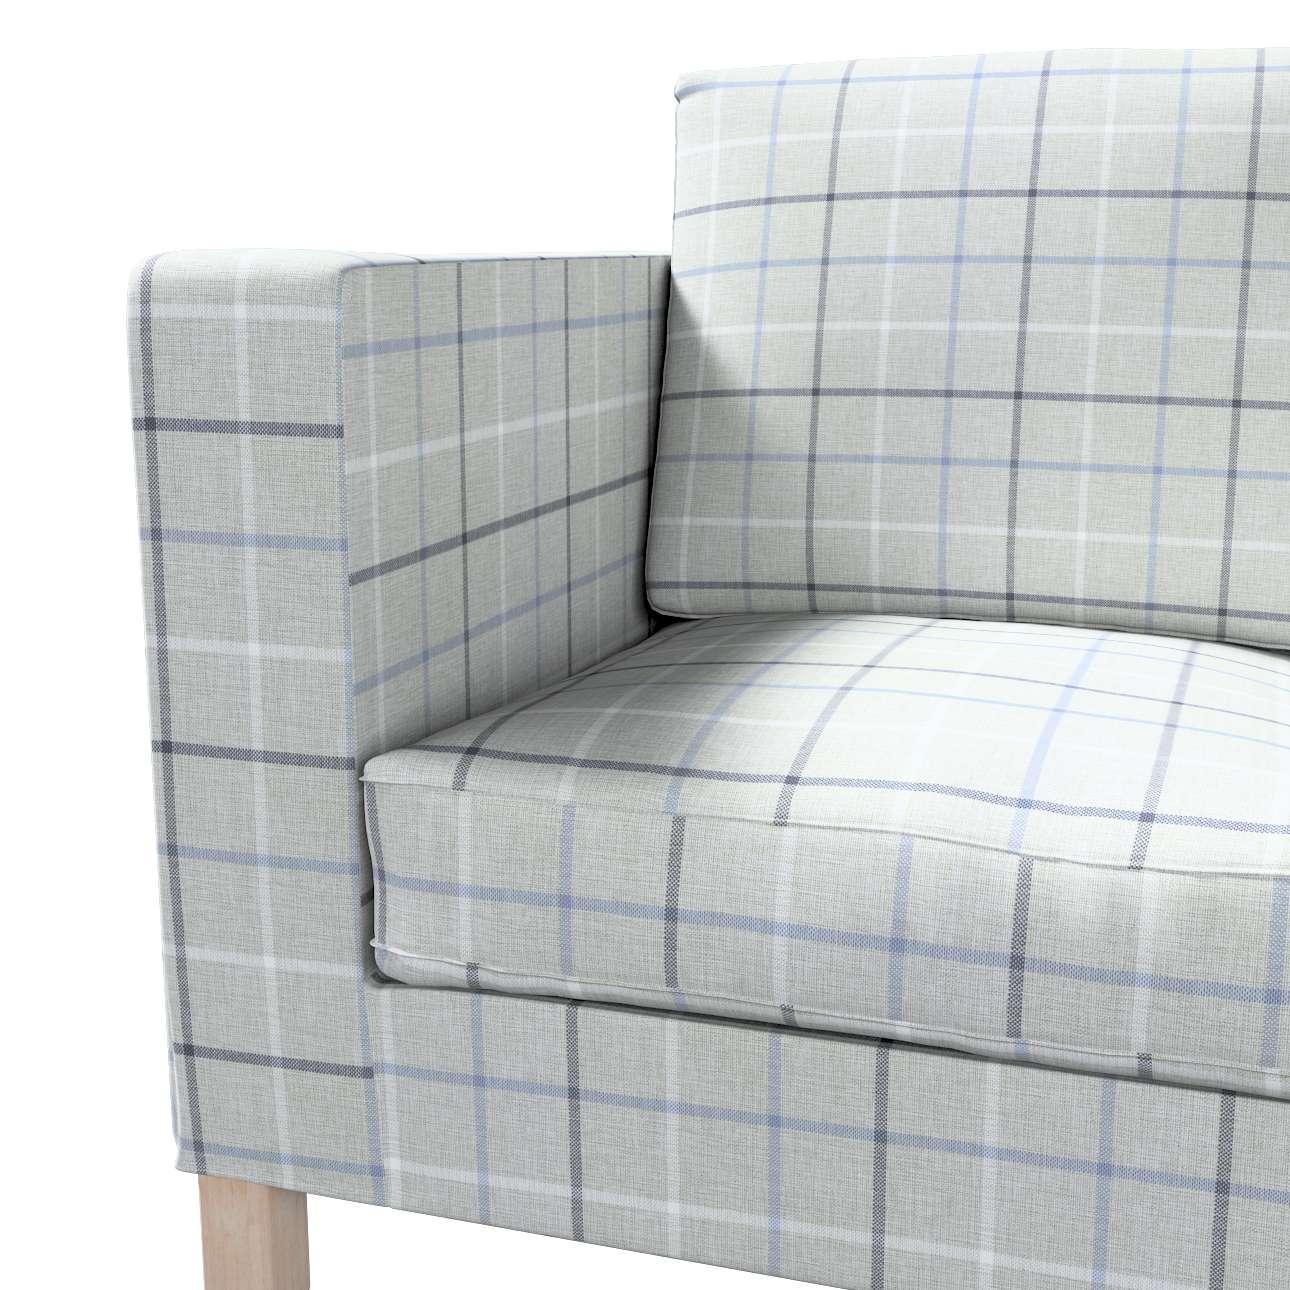 Bezug für Karlanda 2-Sitzer Sofa nicht ausklappbar, kurz von der Kollektion Edinburgh , Stoff: 703-18